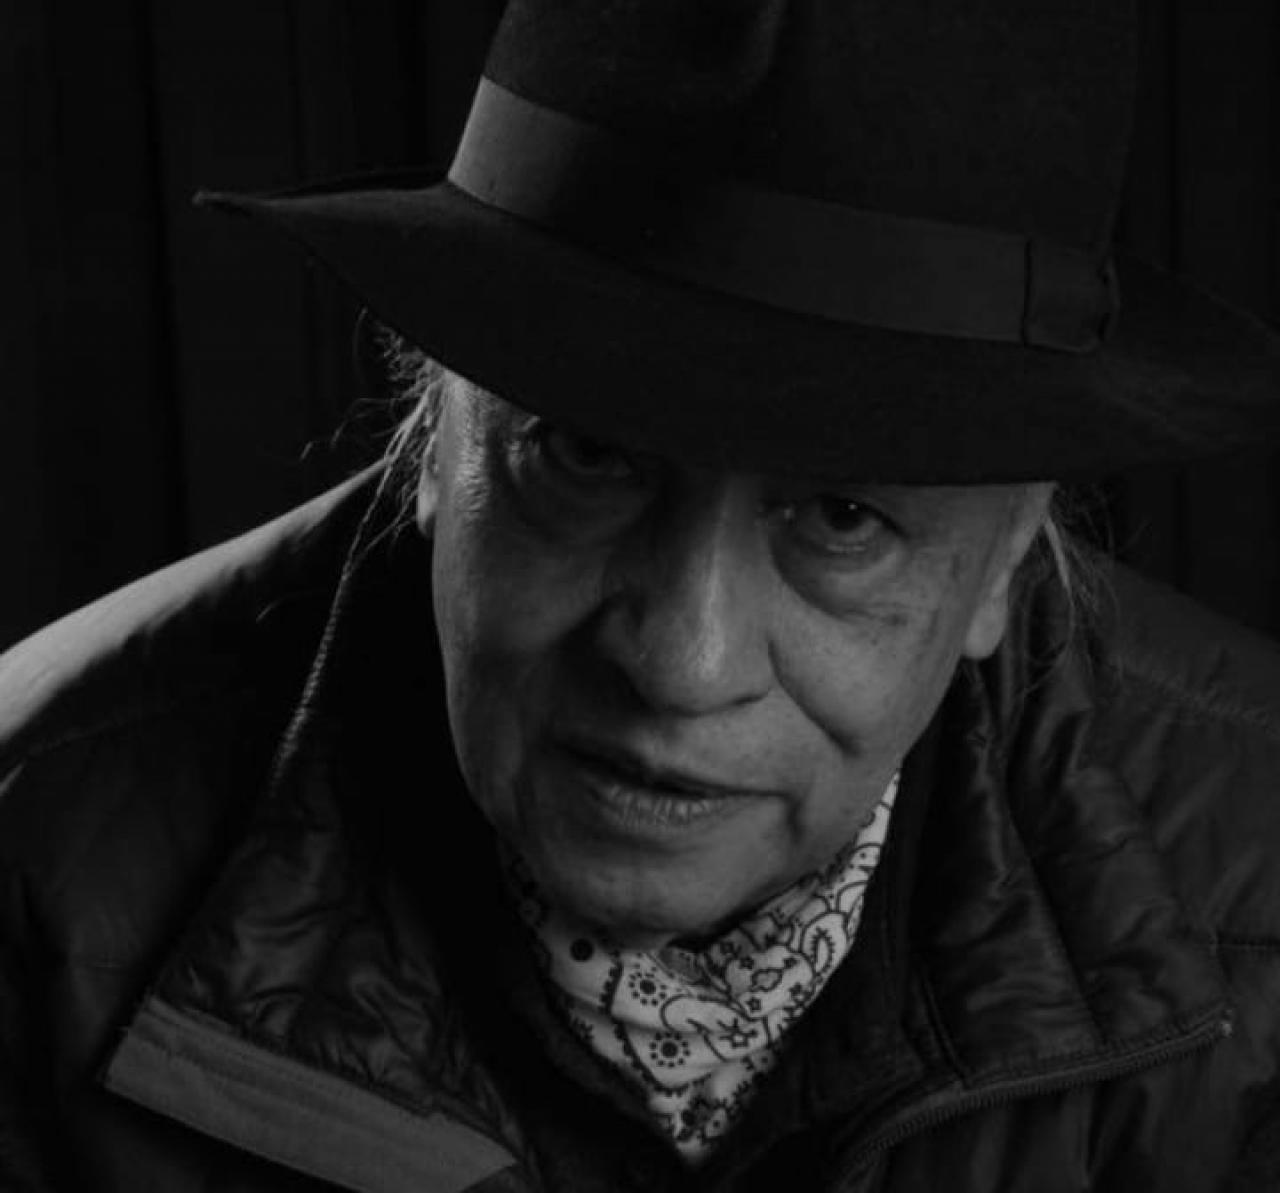 El escritor que cree que la literatura puede contribuir a la paz